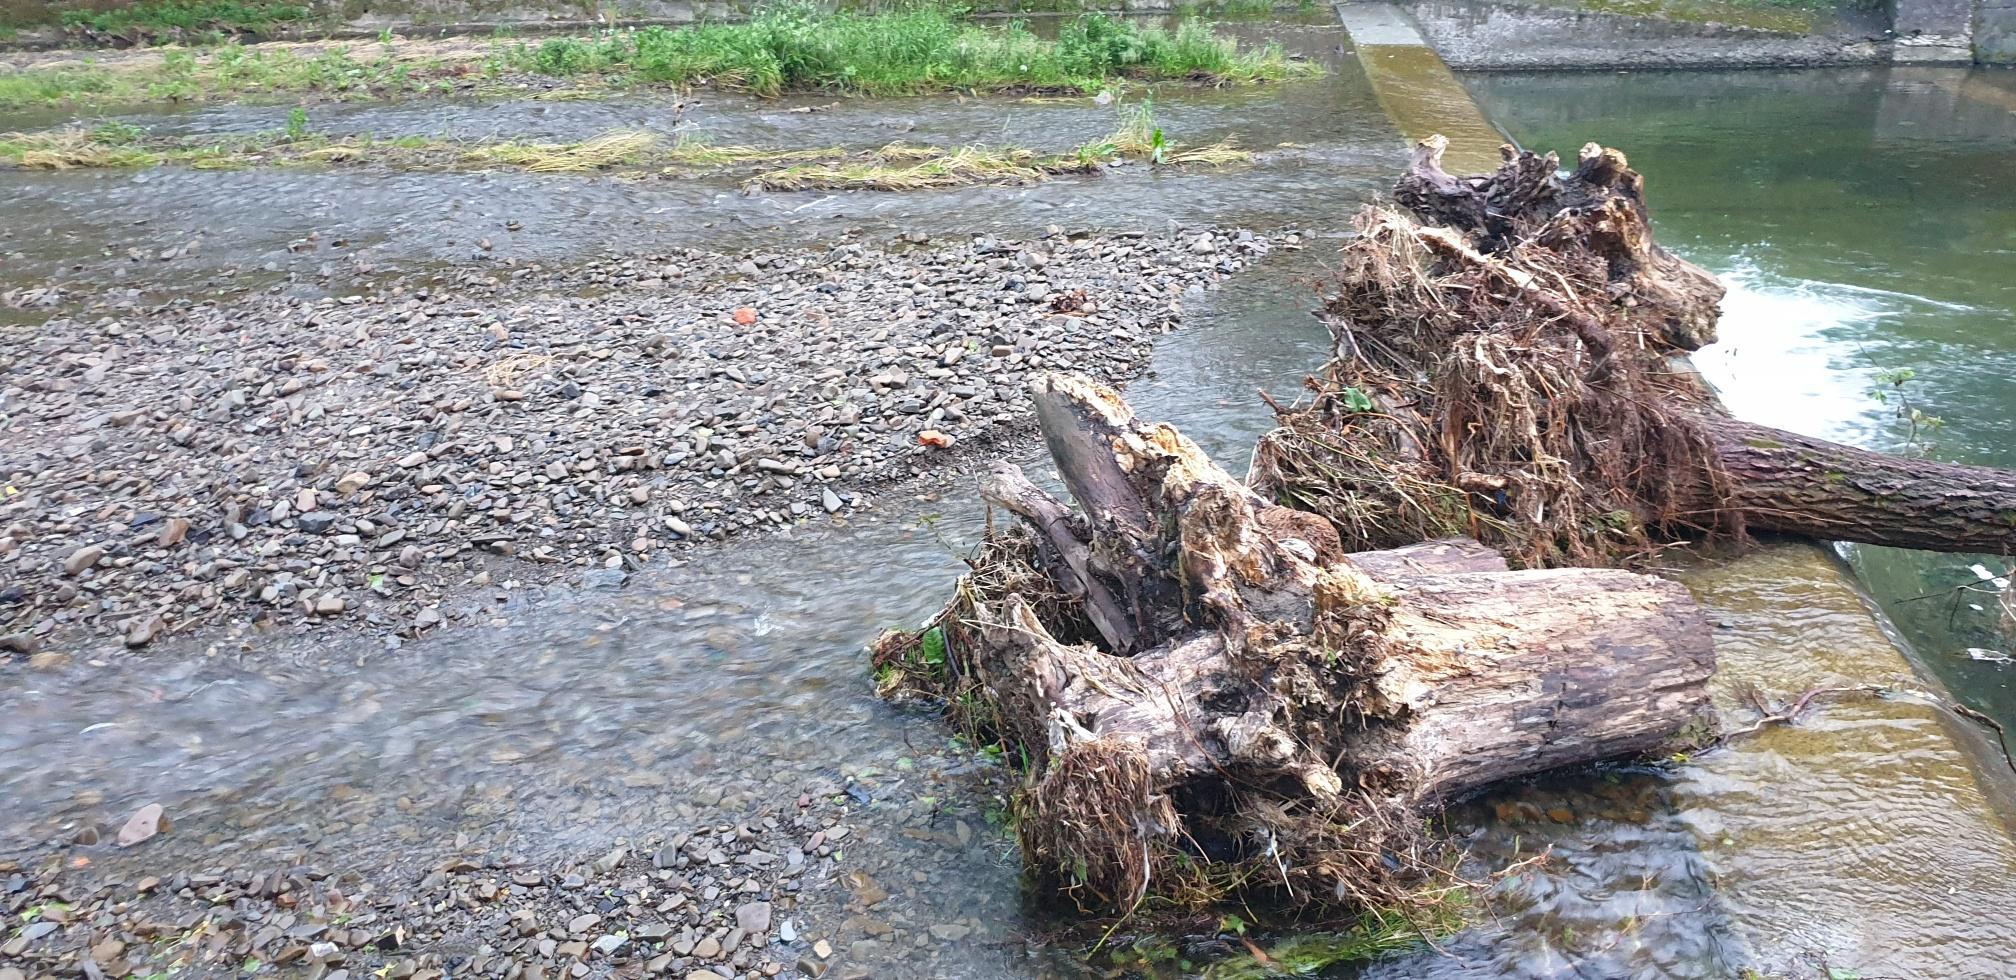 Wieprzówka po ulewach. Konary drzew wyrwane z korzeniami